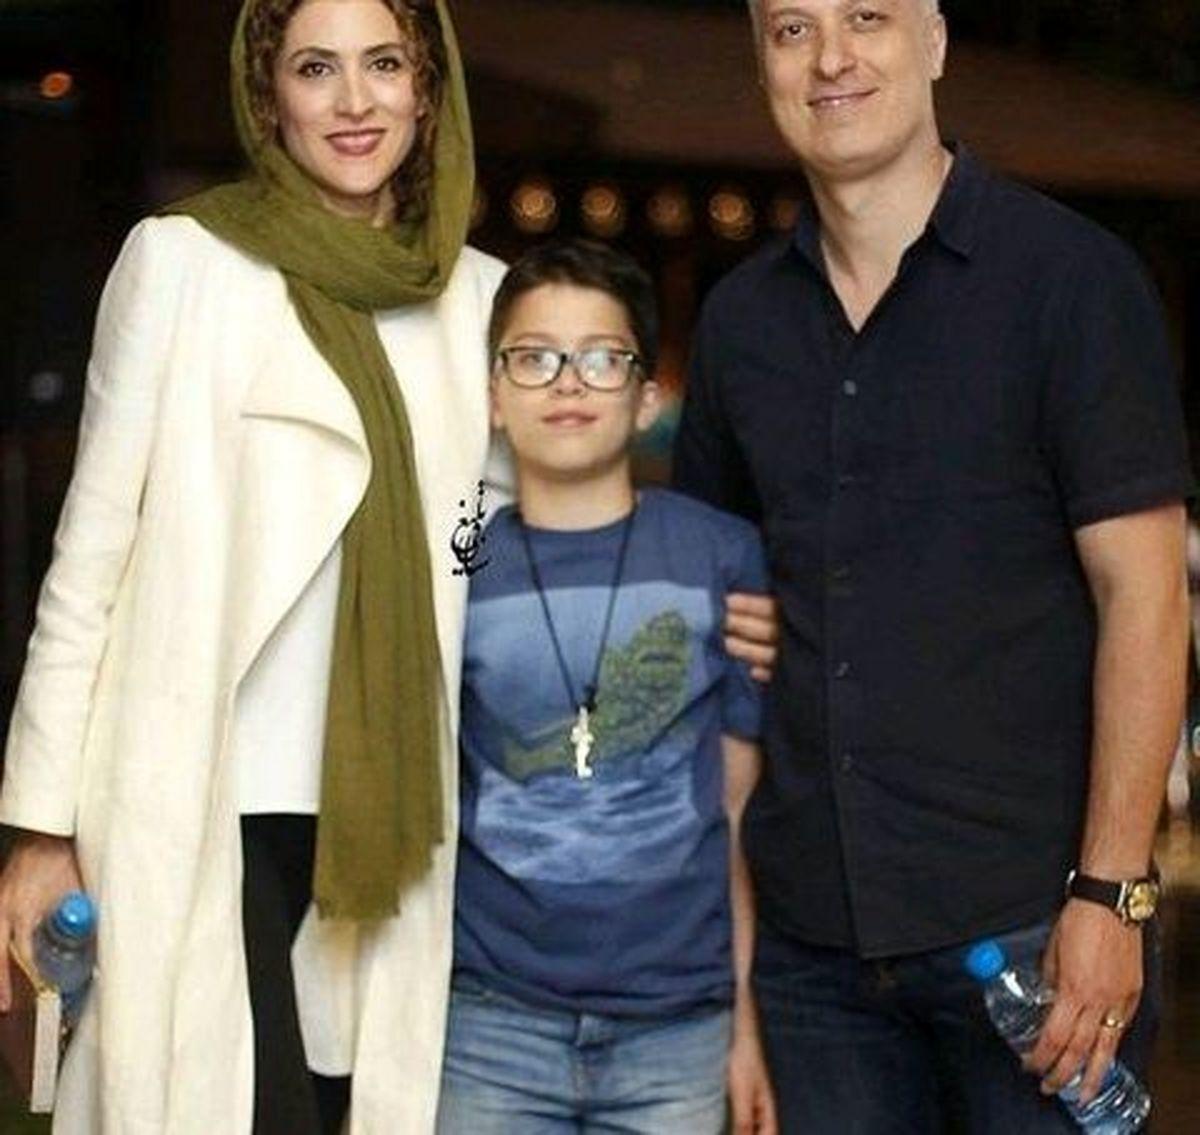 همسر قد بلند و خوشتیپ ویشکا آسایش + عکس